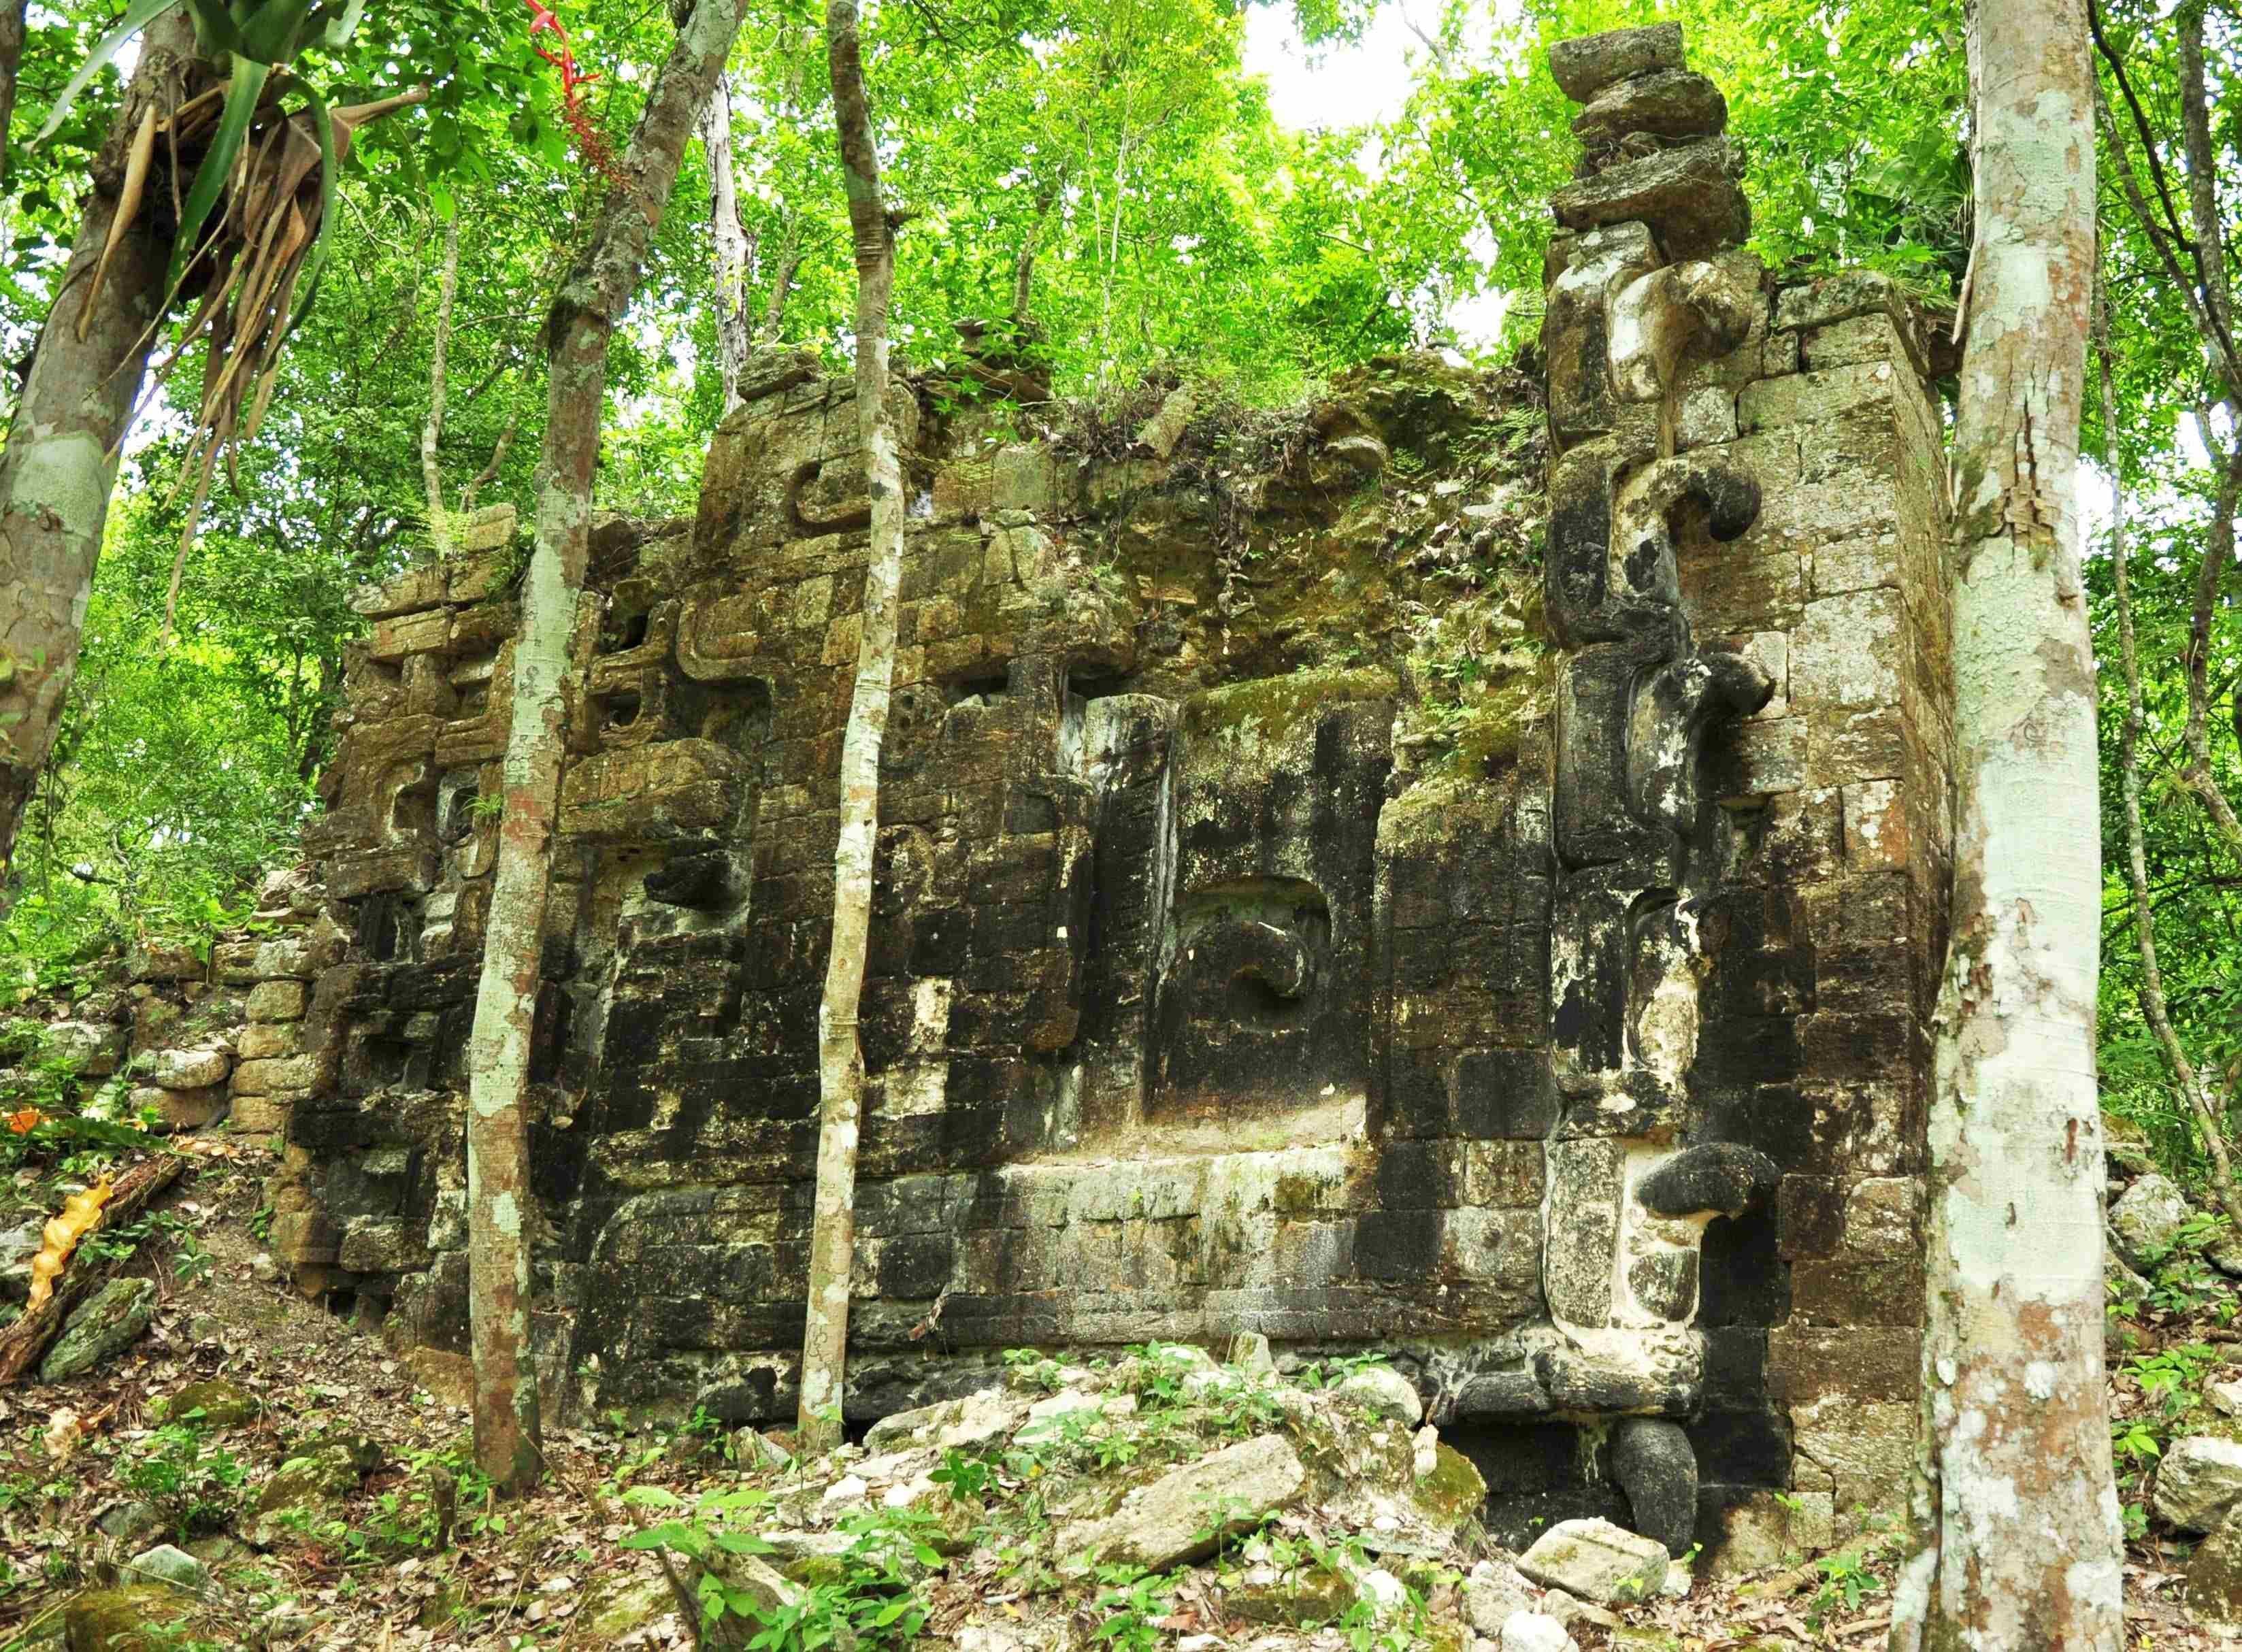 Image: Remains of an ancient Mayan city in Lagunita